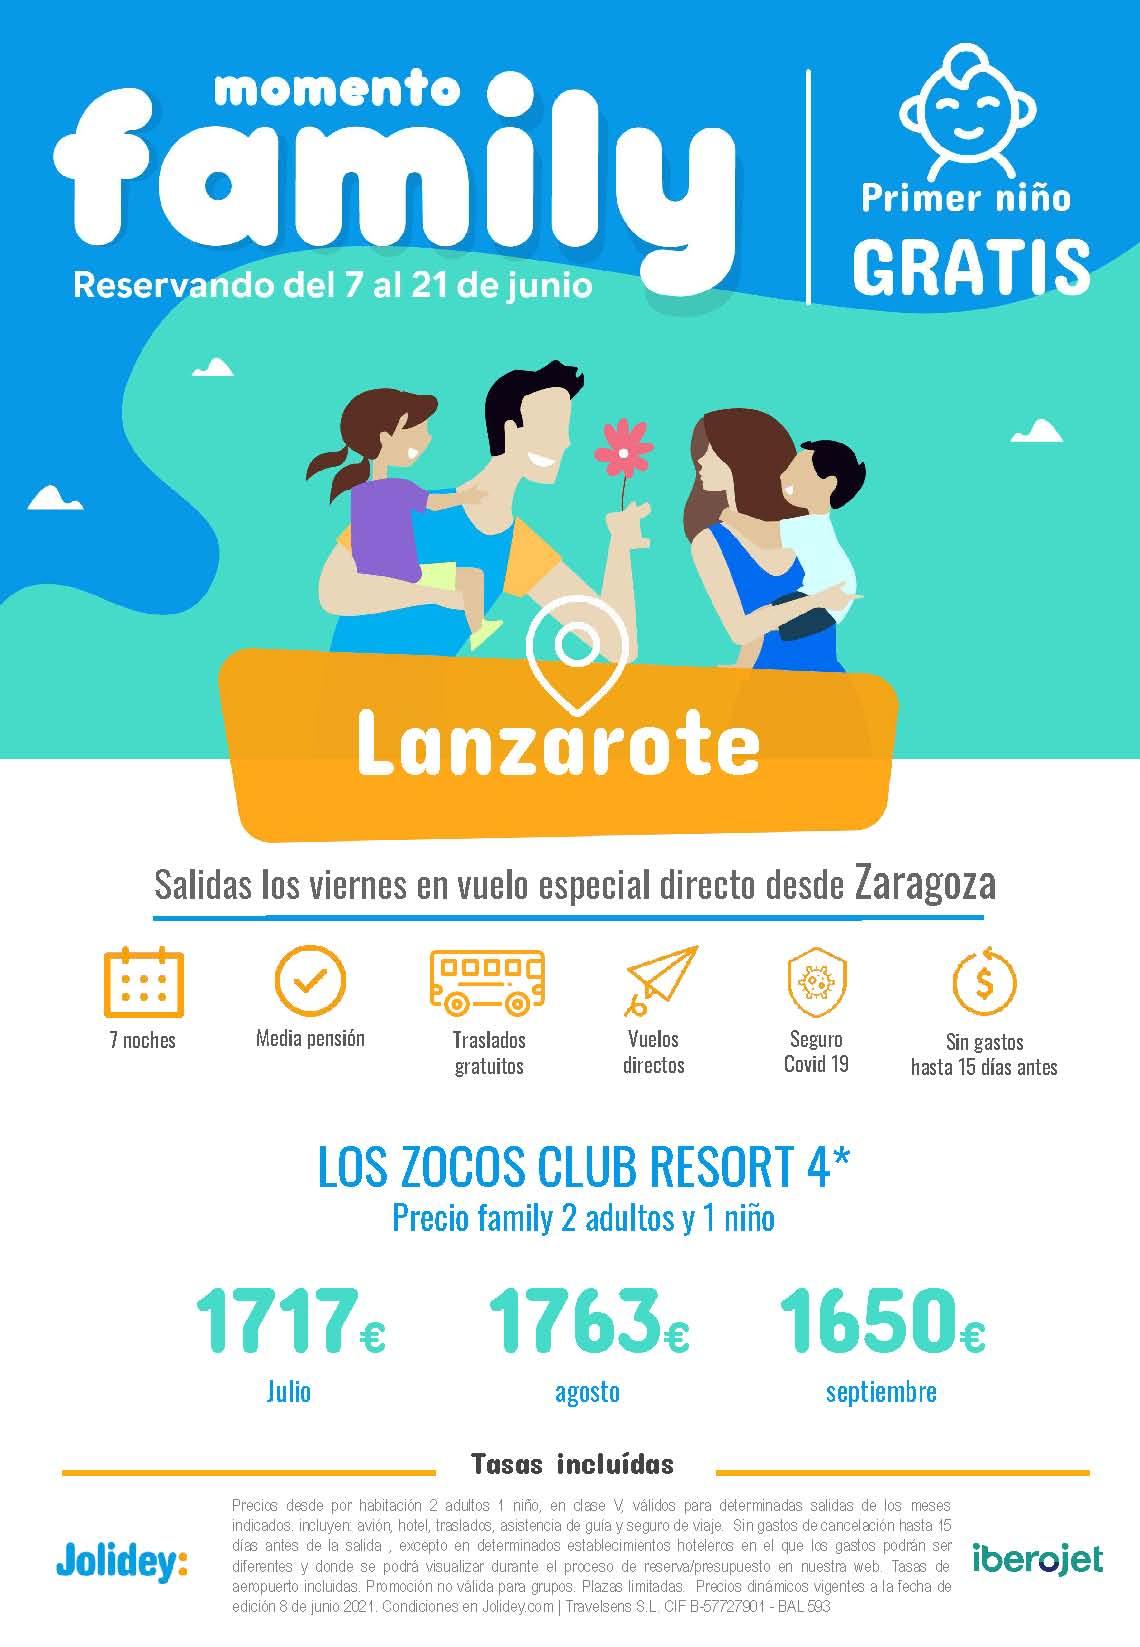 Ofertas Jolidey Familias Niño Gratis Lanzarote Verano 2021 vuelo directo desde Zaragoza